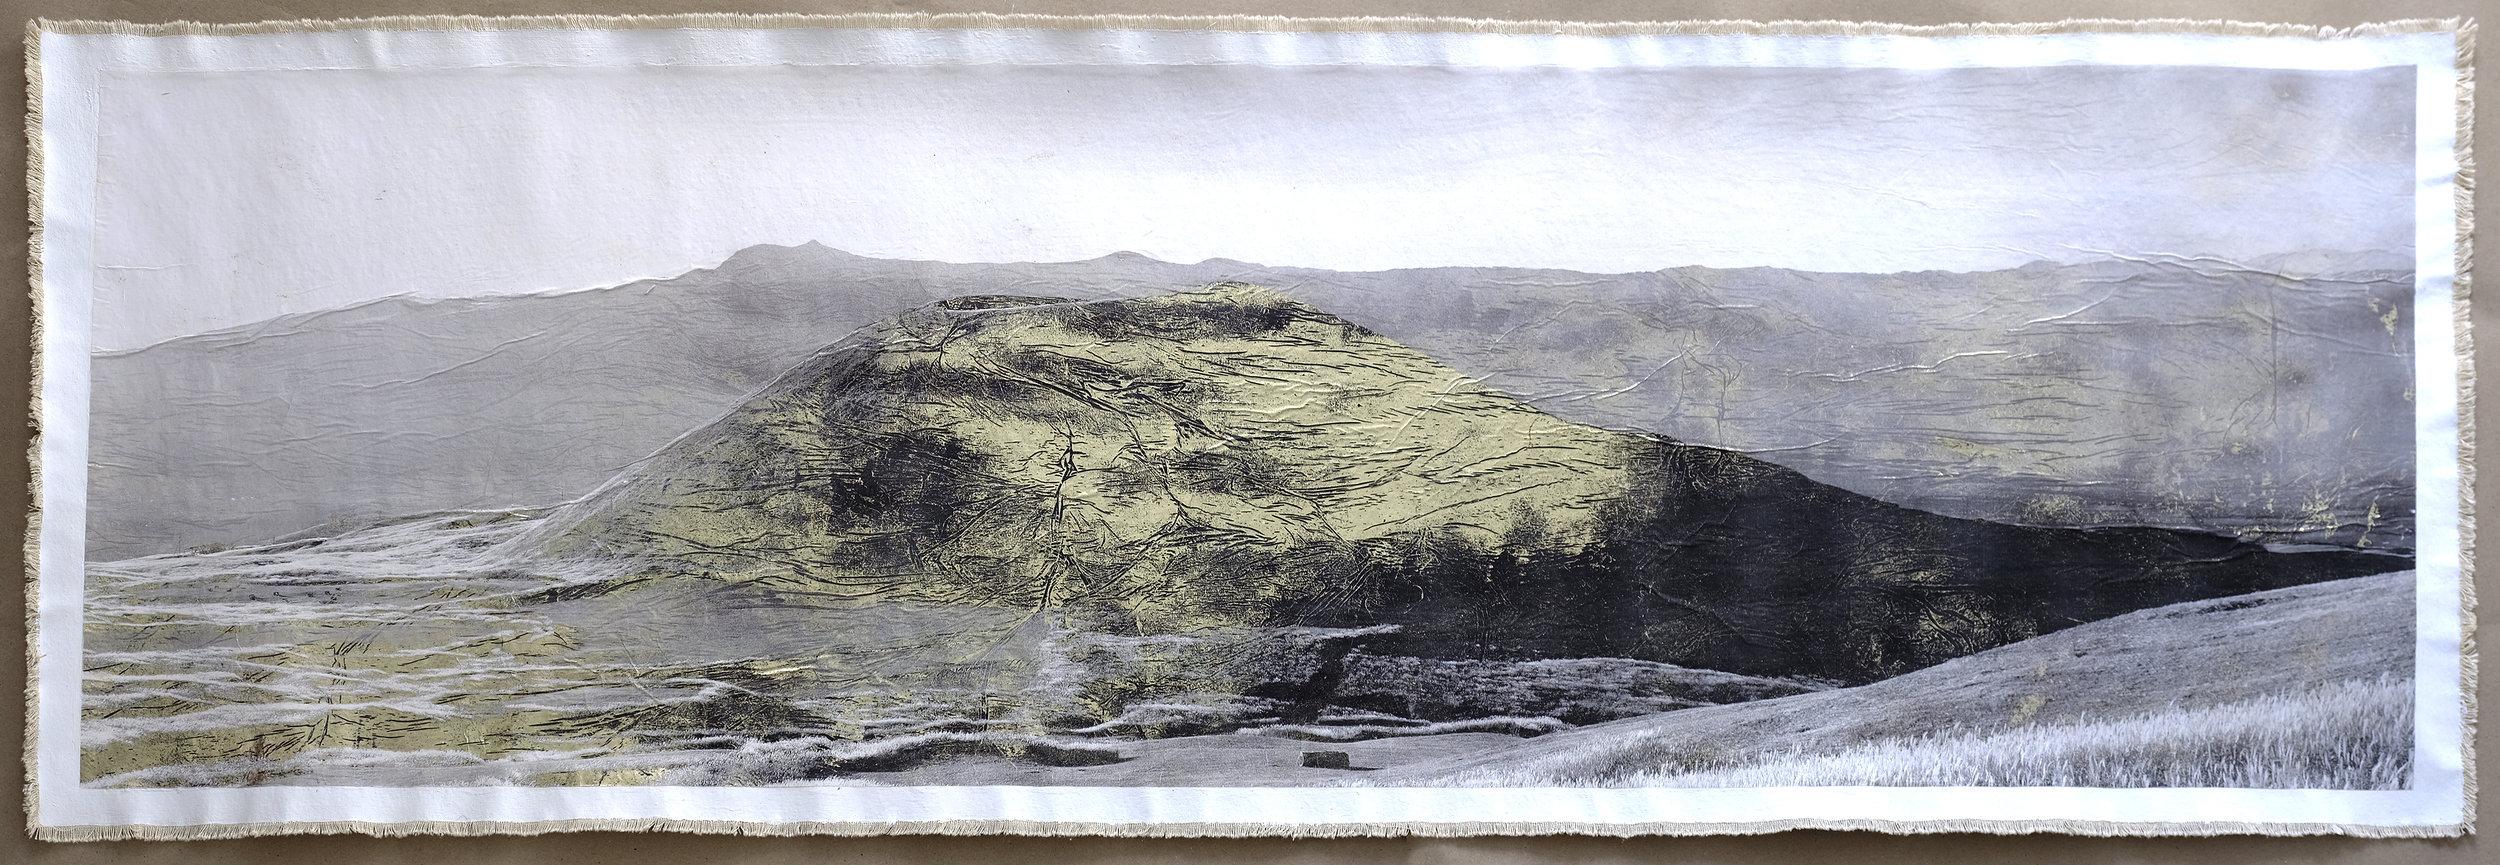 Komezuka Volcano